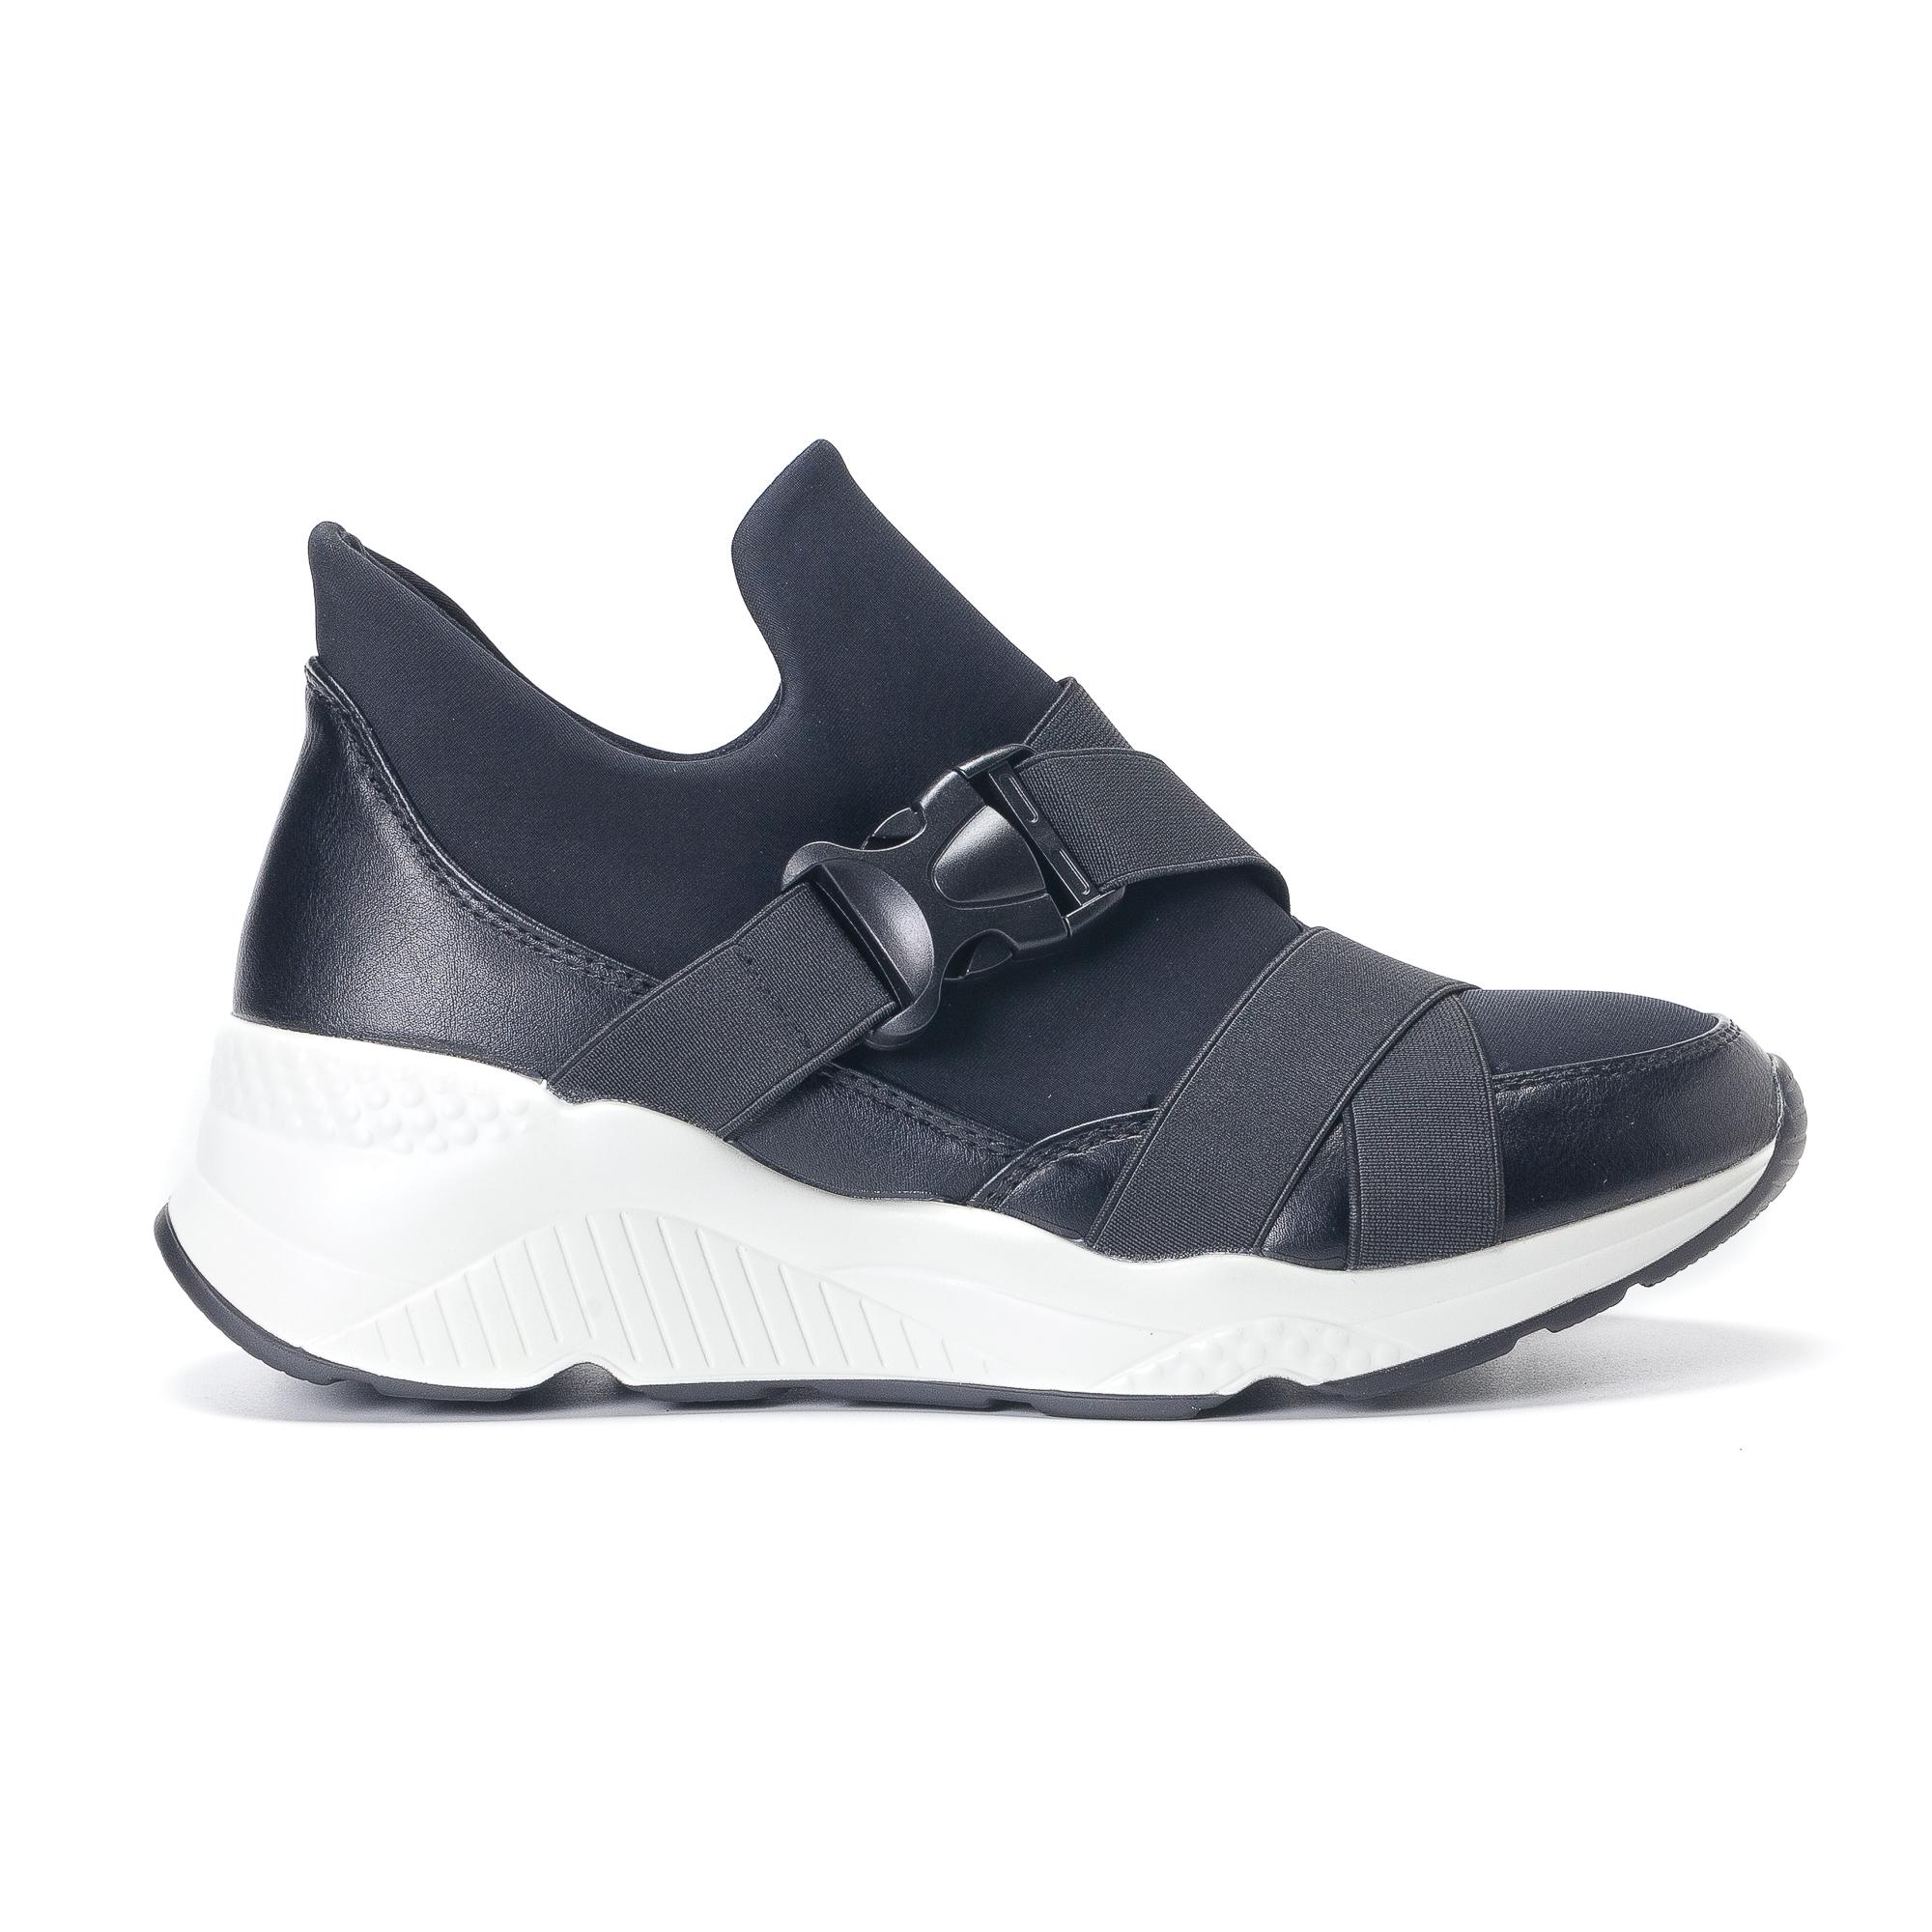 Γυναικεία μαύρα υφασμάτινα αθλητικά παπούτσια με λάστιχα